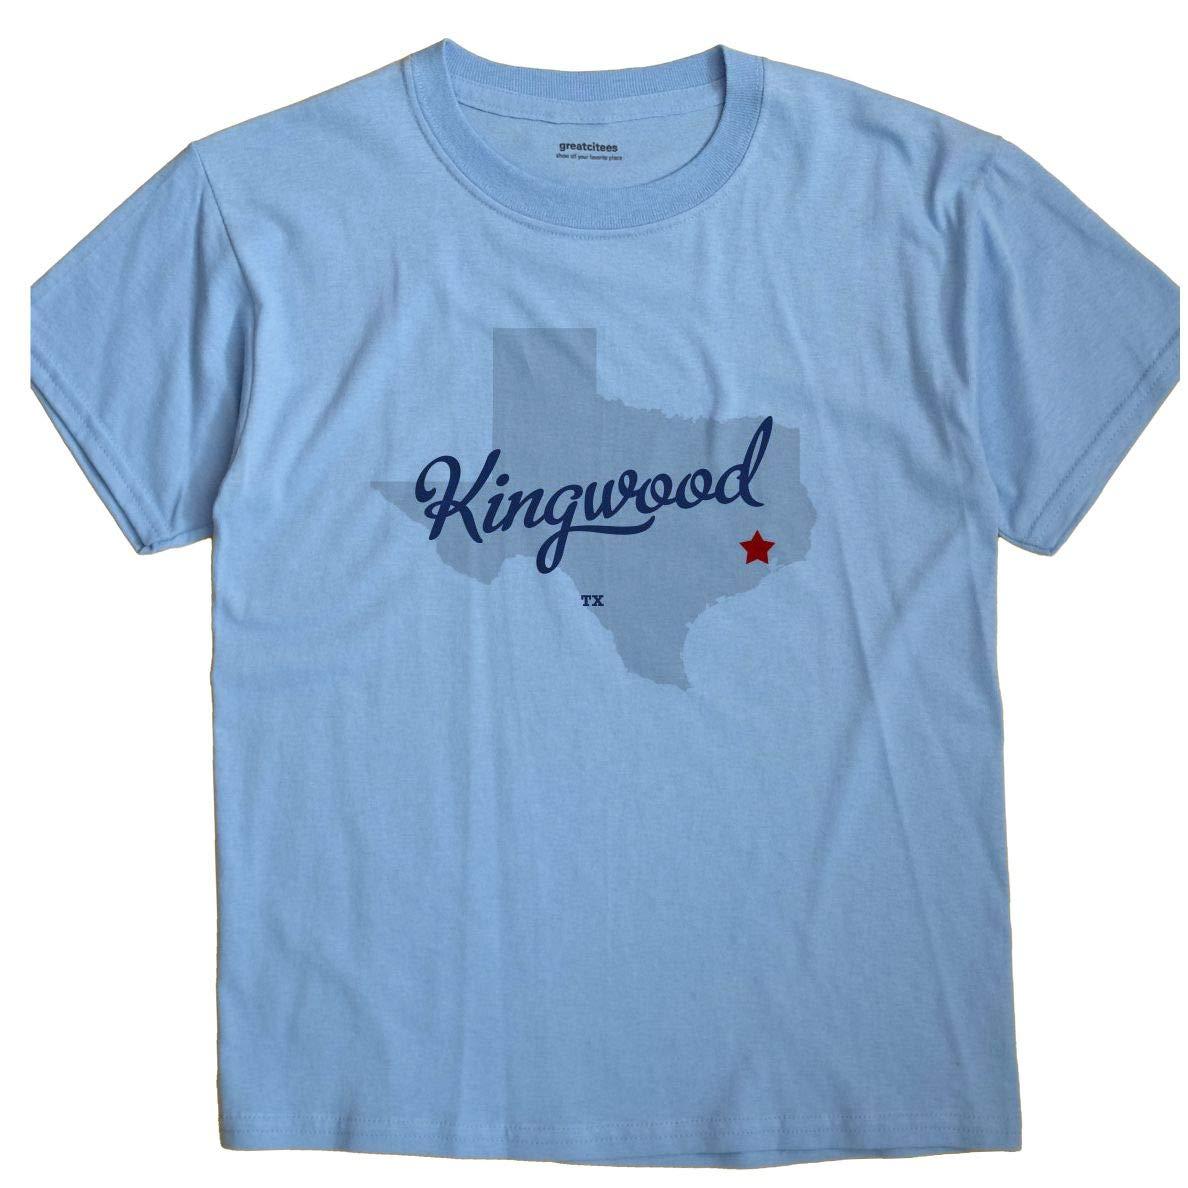 Amazon.com: GreatCitees Kingwood Texas TX, Neighborhood of ...